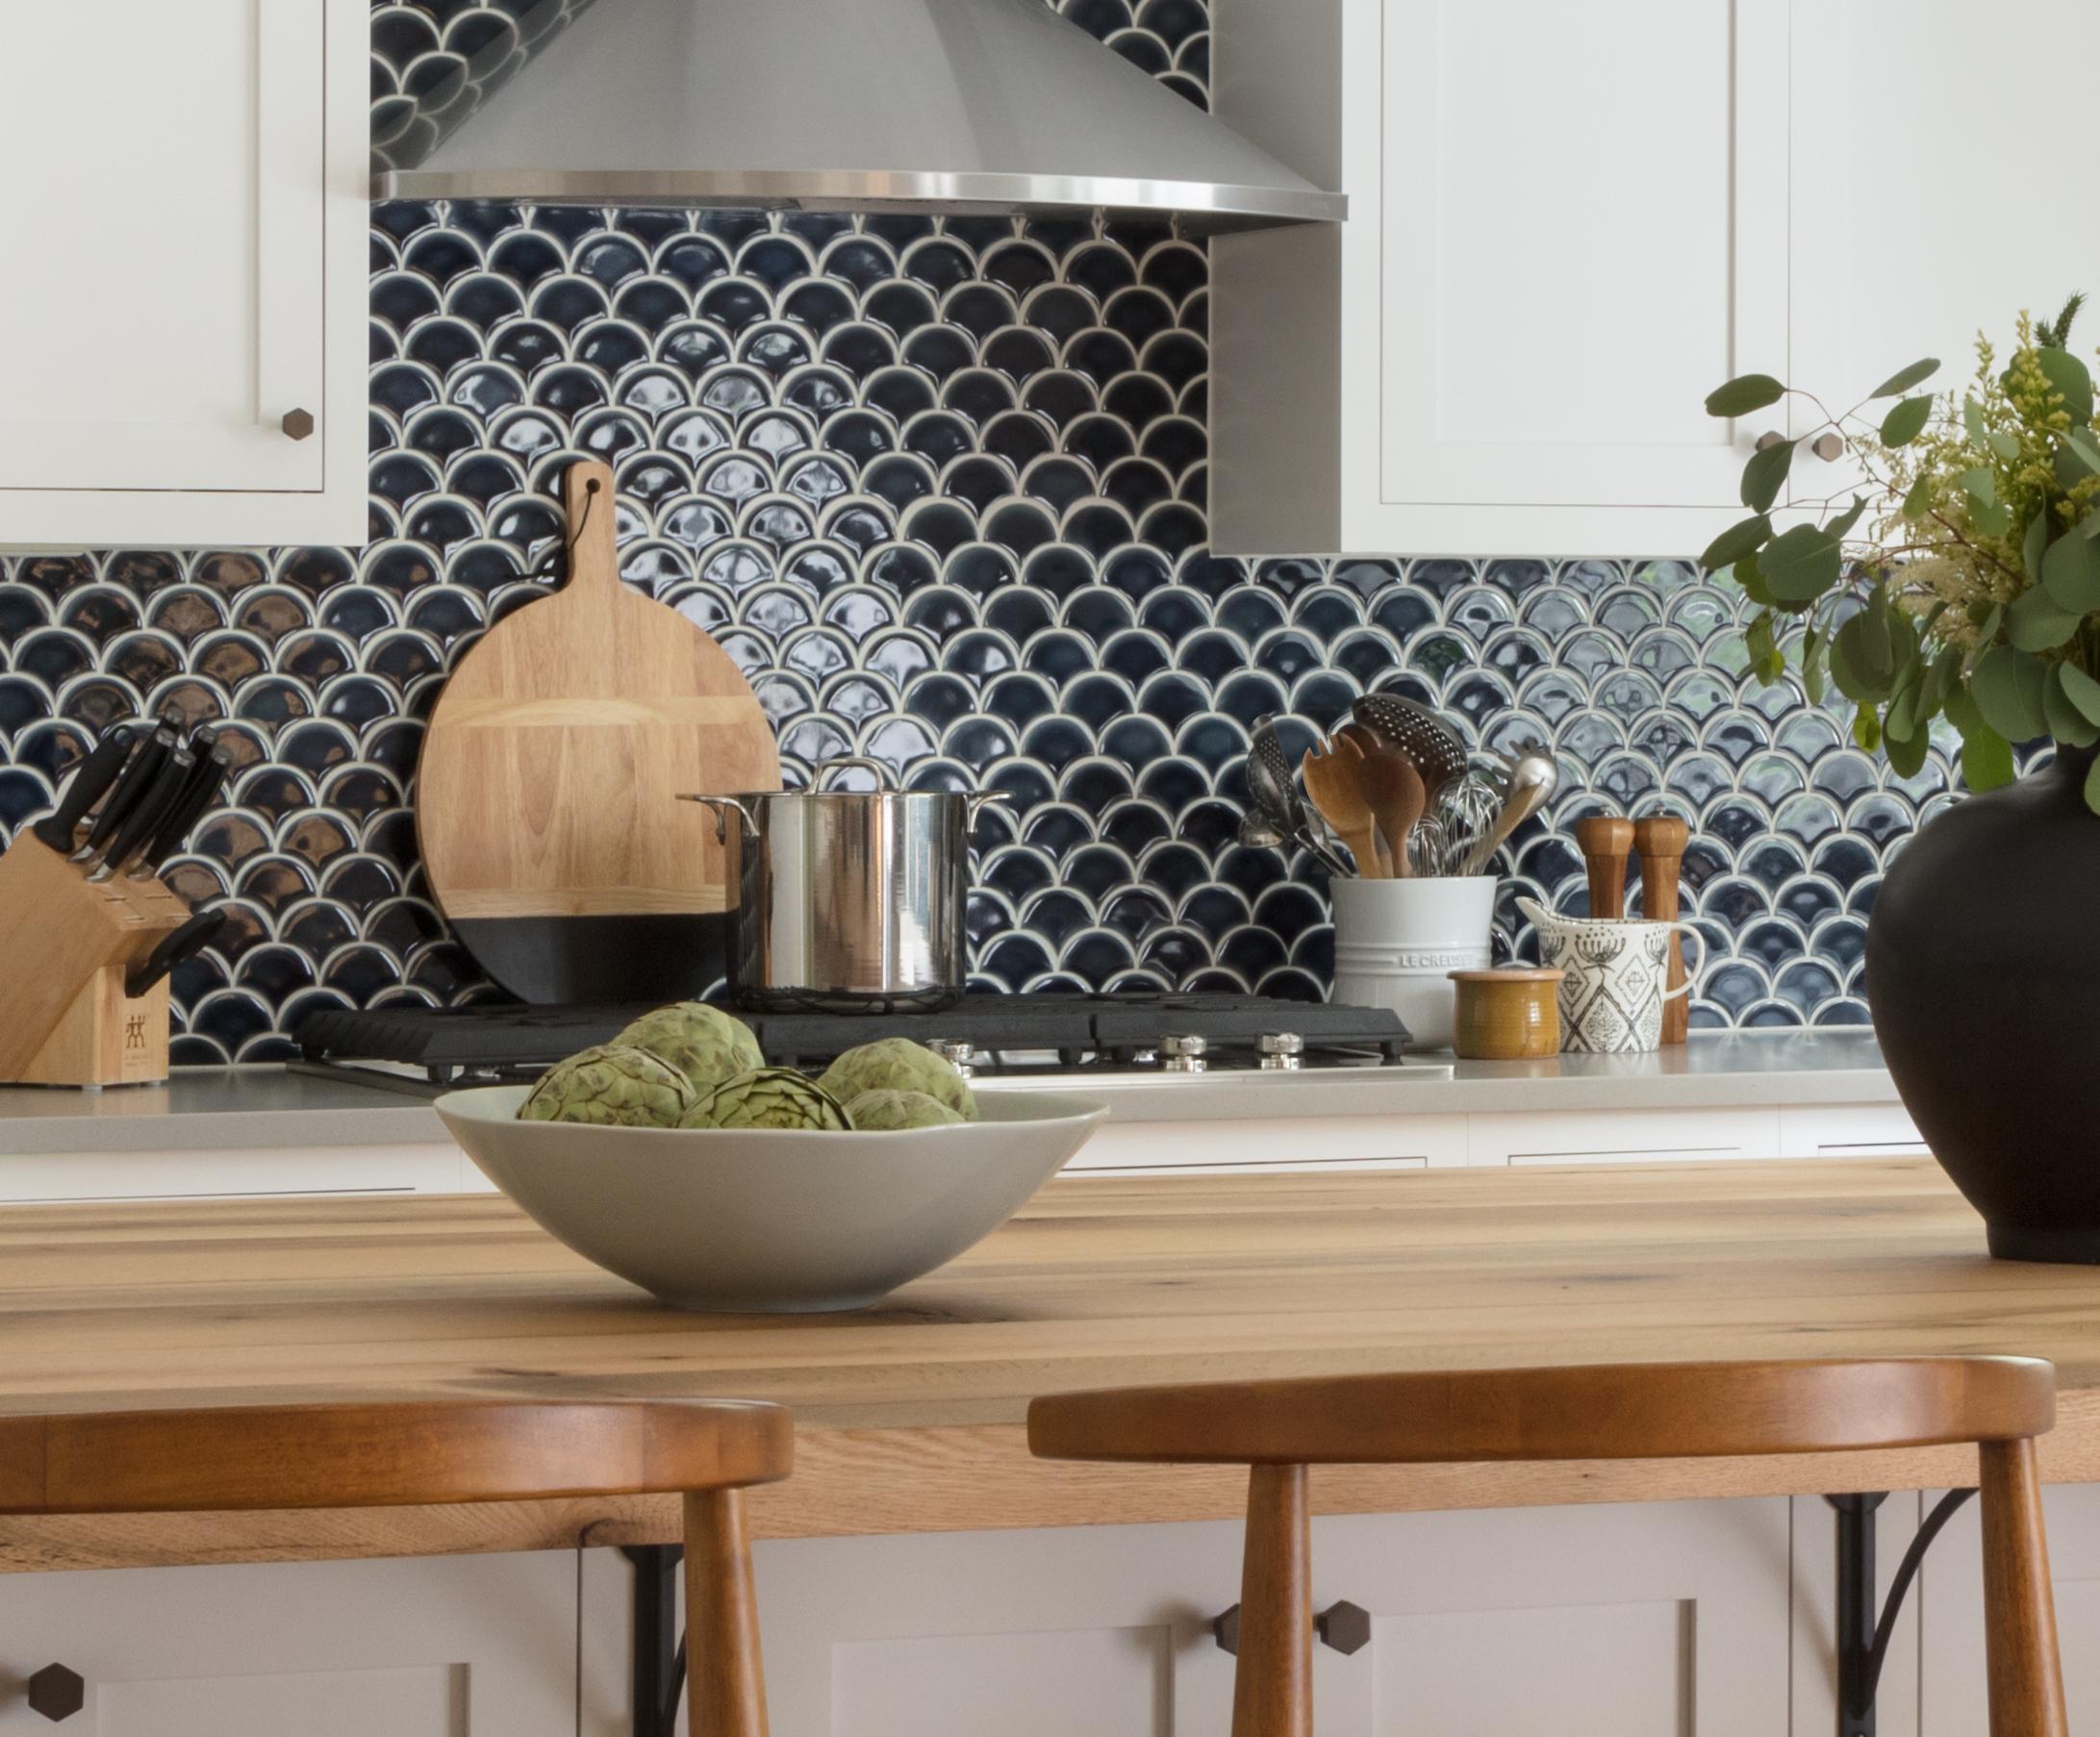 PR- Pratt & Larson - Small fan pattern A W96 - Ceramic - Kitchen.jpg